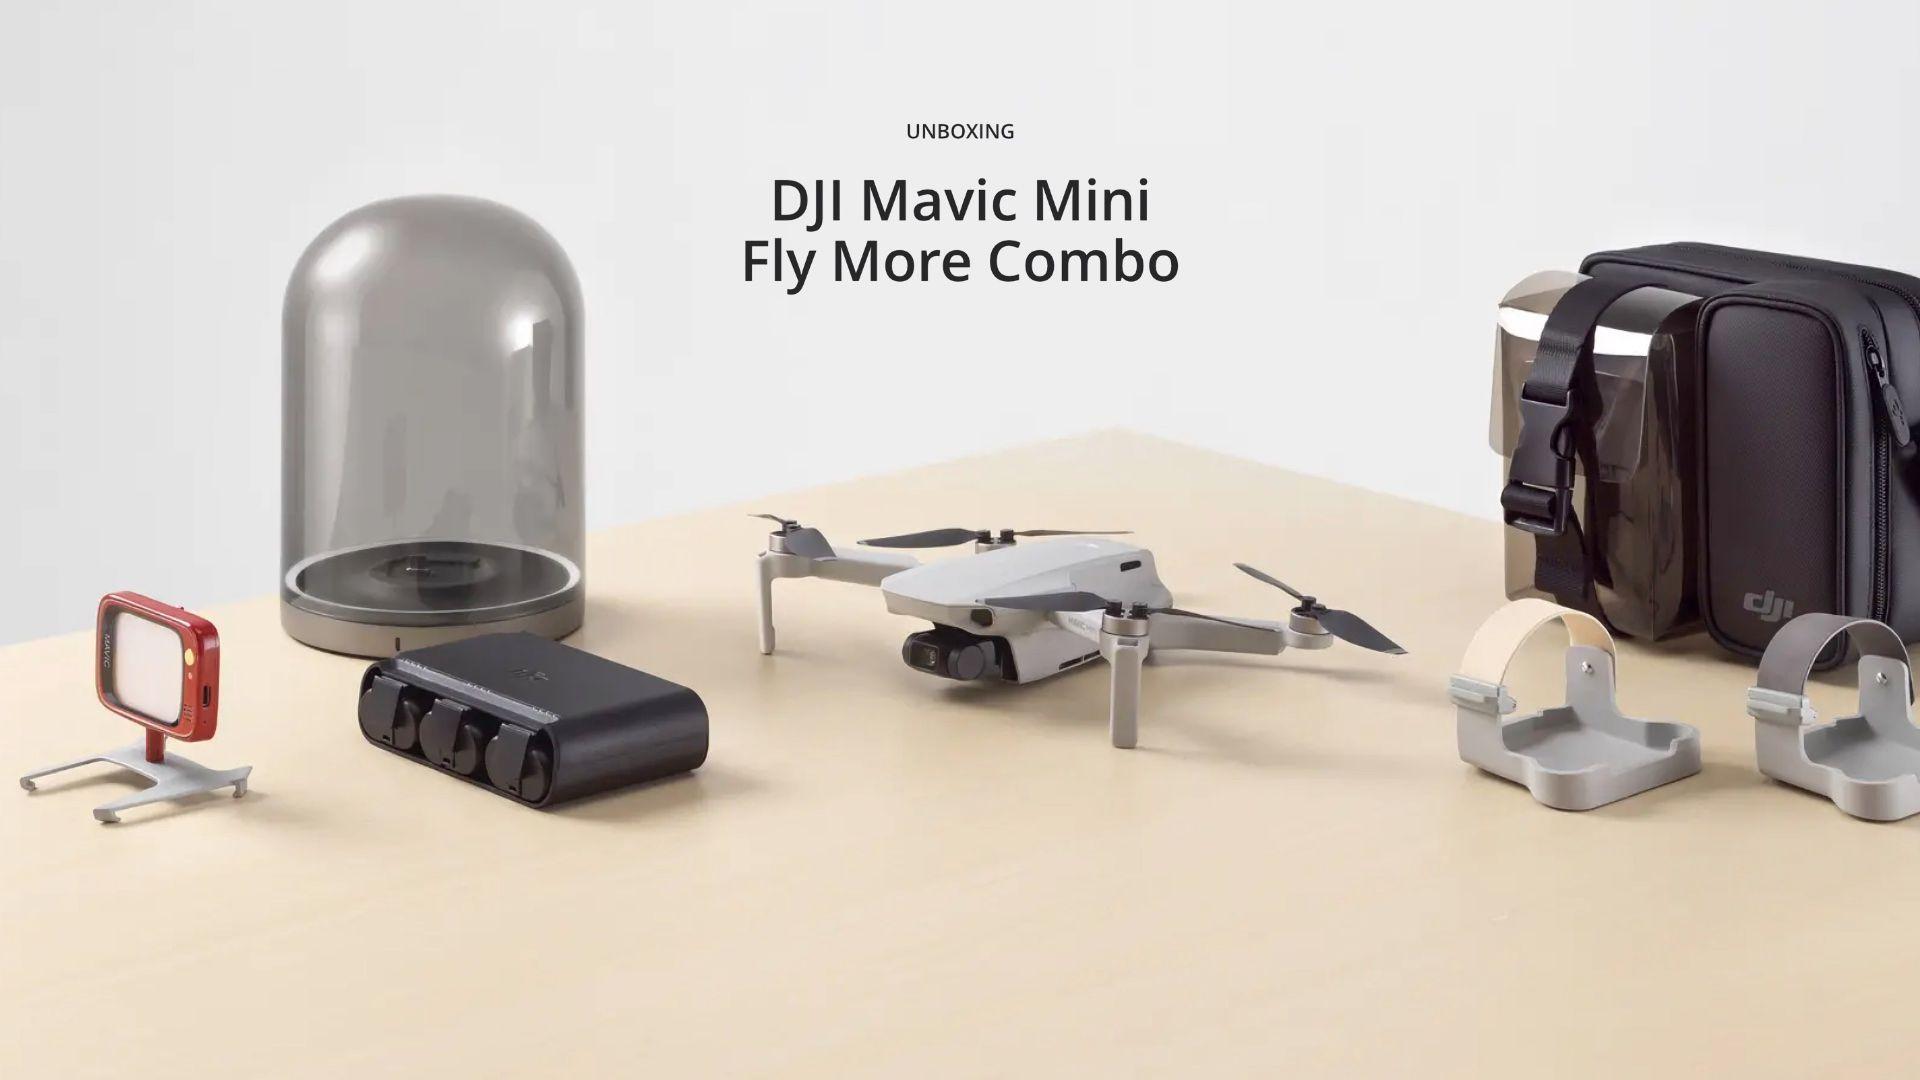 DJI Mavic Mini Fly More Combo Unboxing | VLOG #79